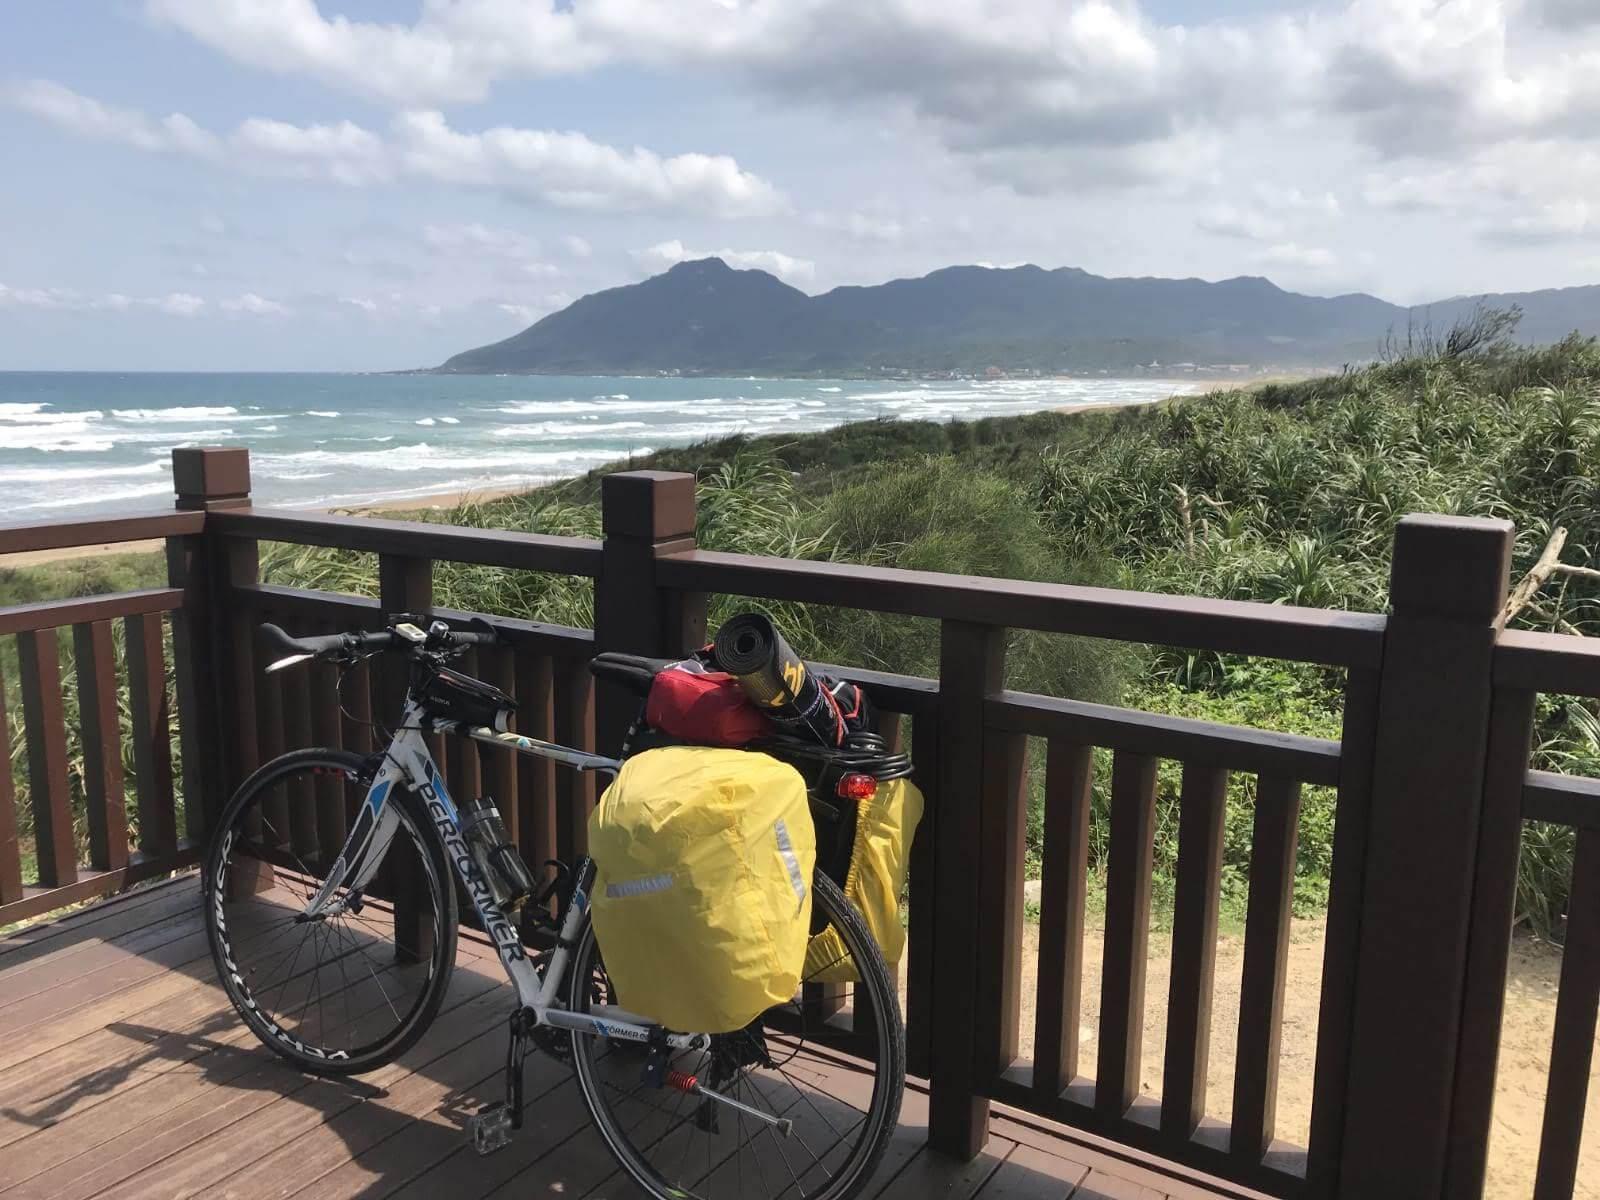 27-gear-road-bike